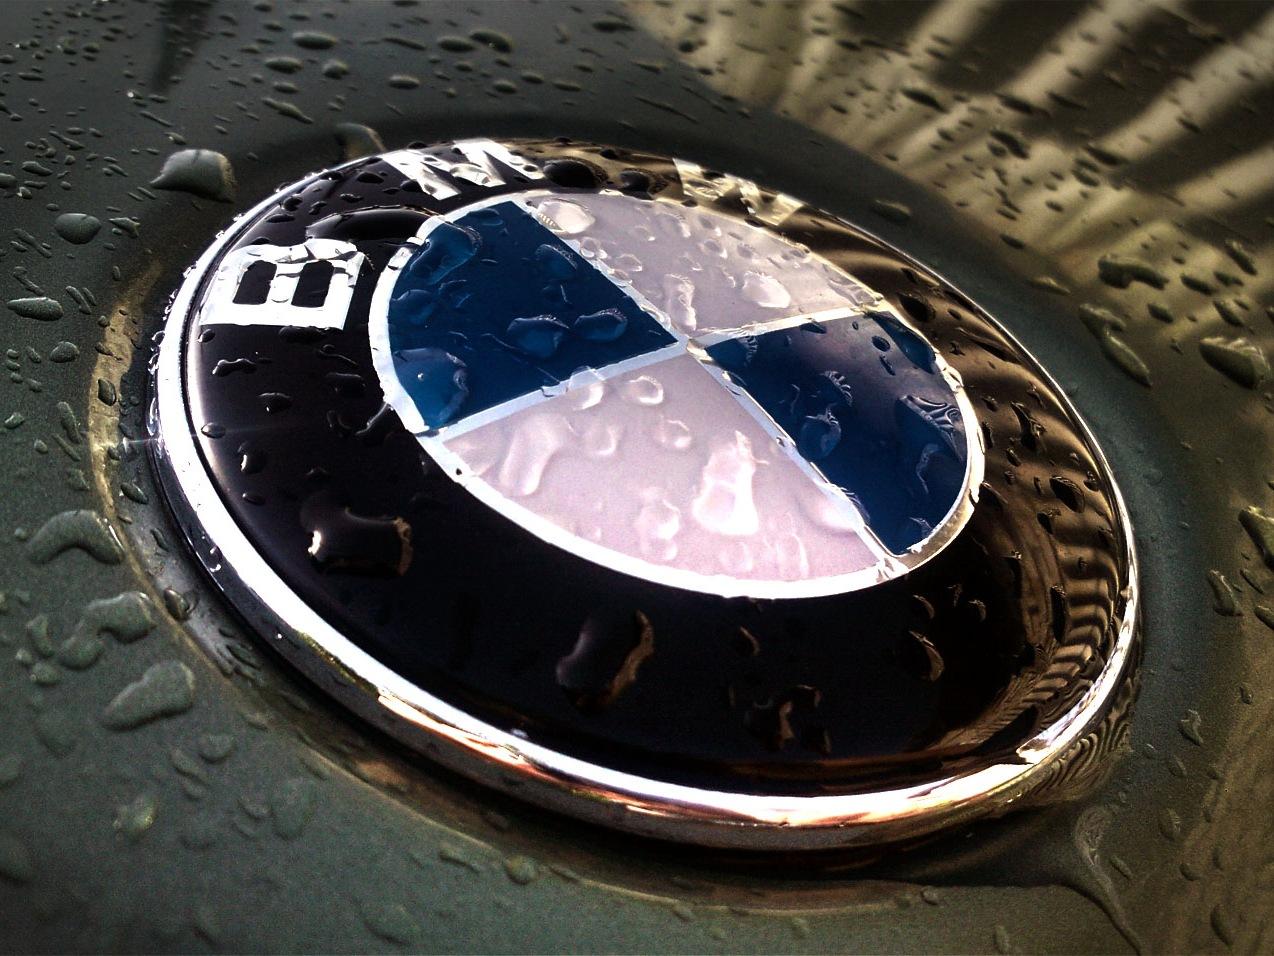 Самой уважаемой компанией в мире признали BMW